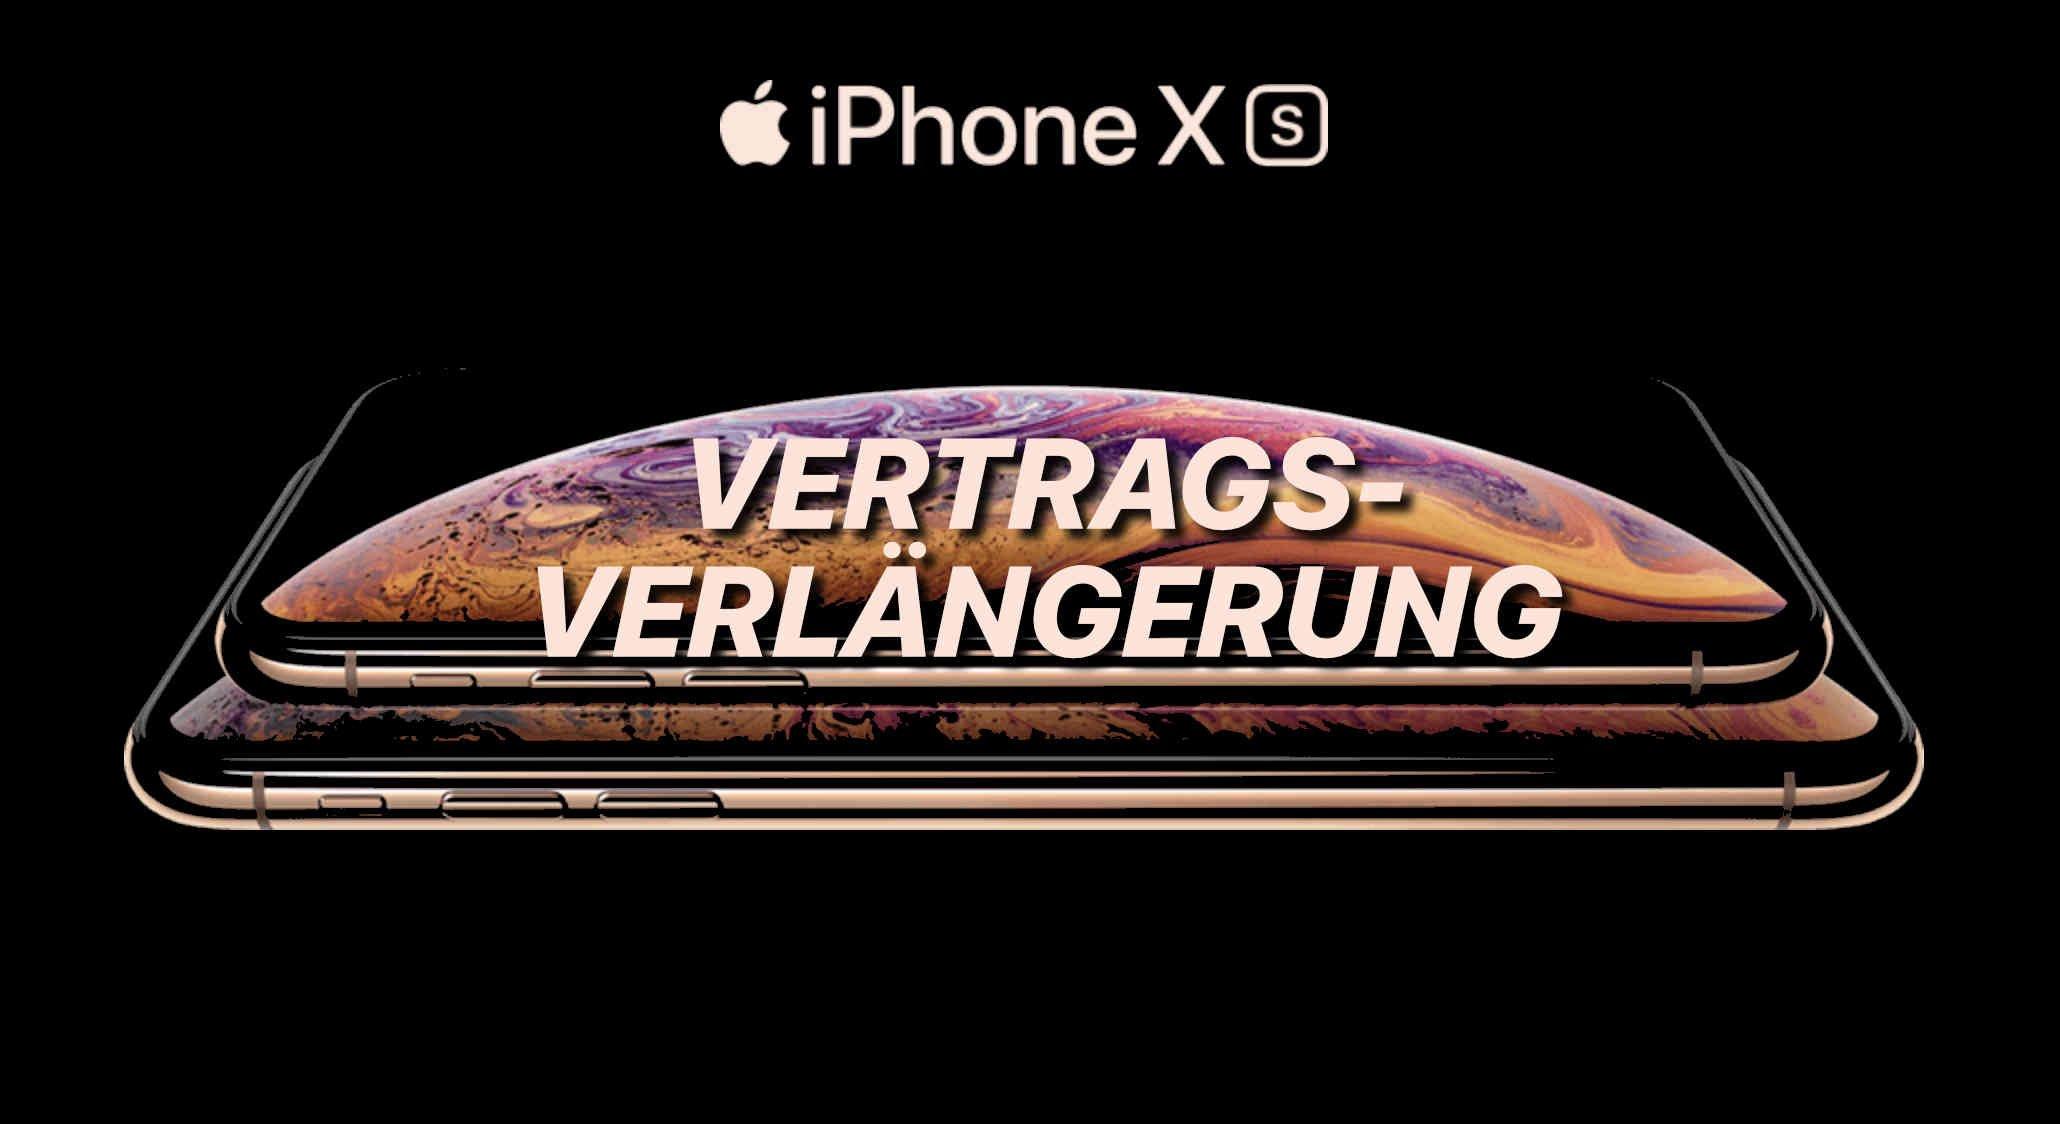 iPhone XS Vertragsverlängerung 3